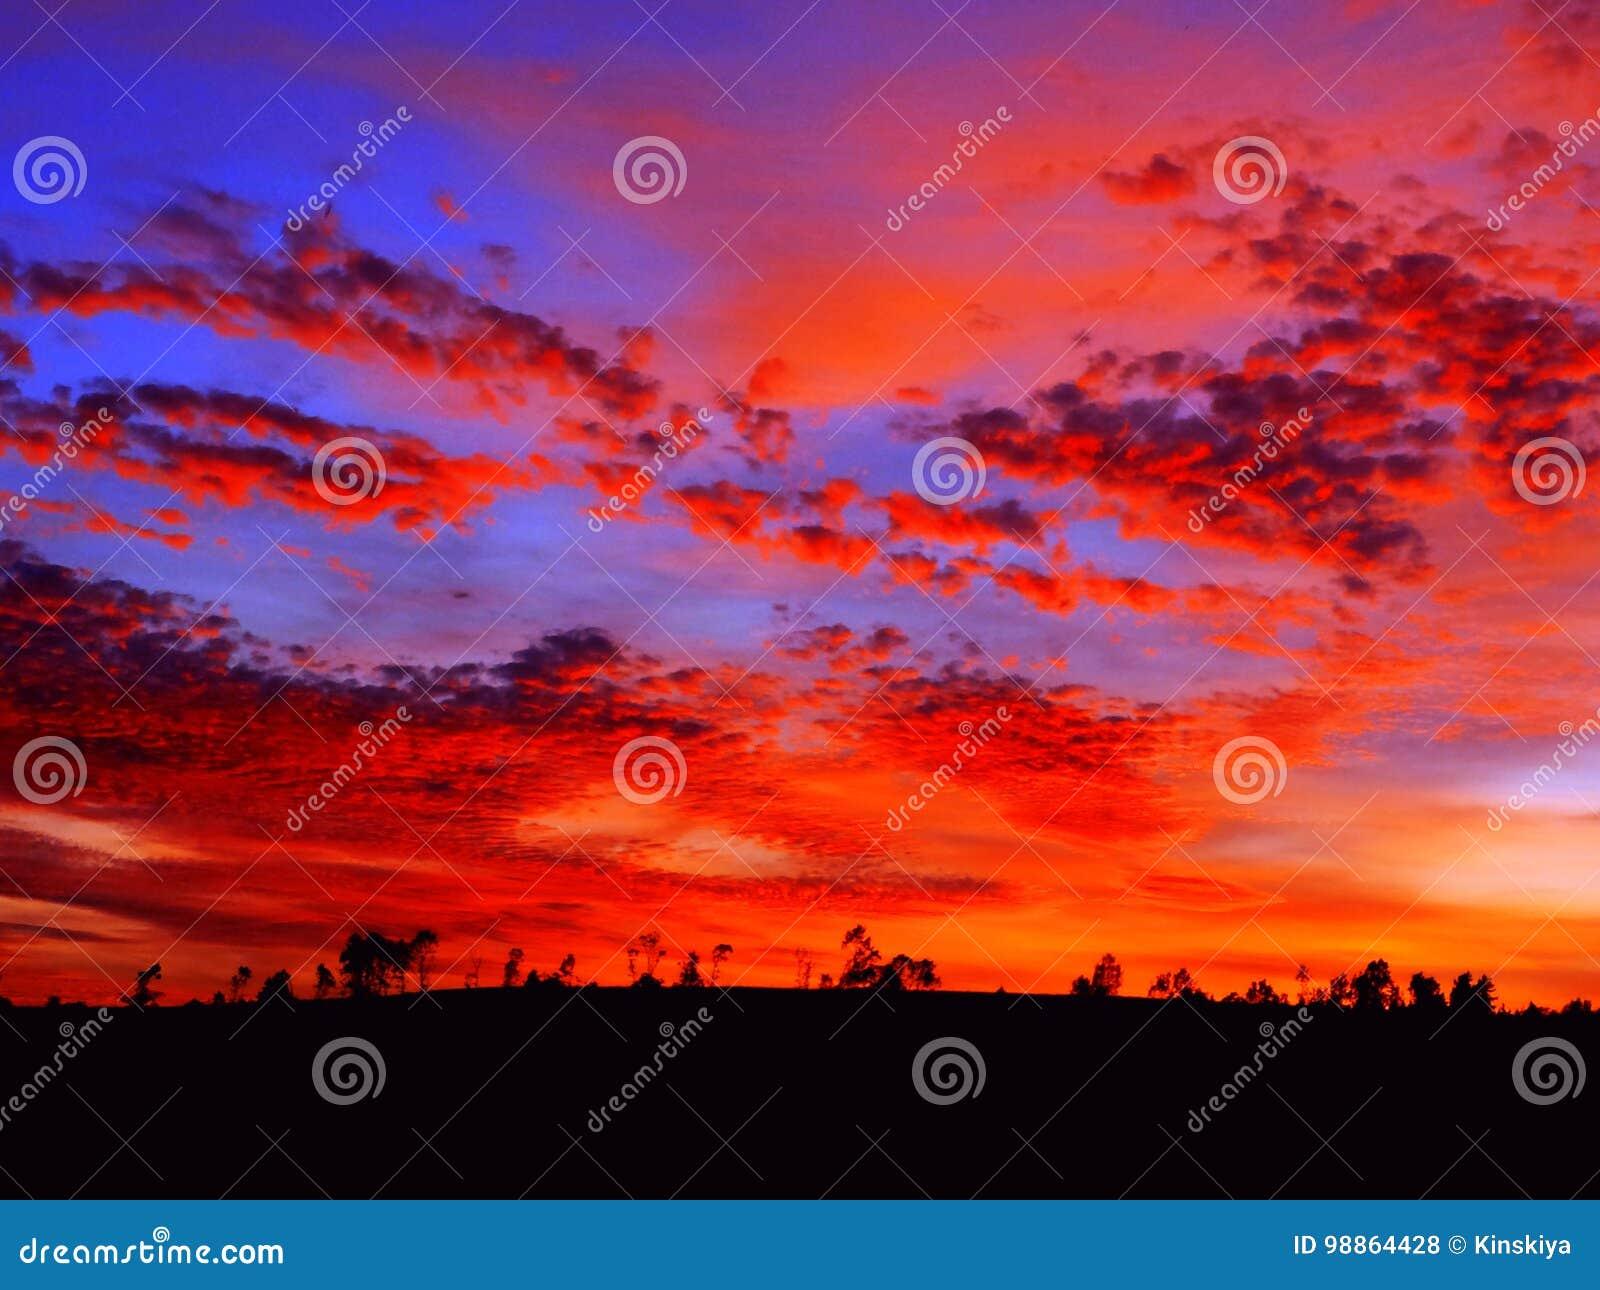 Beautiful sunrise. Bright orange sunset landscape